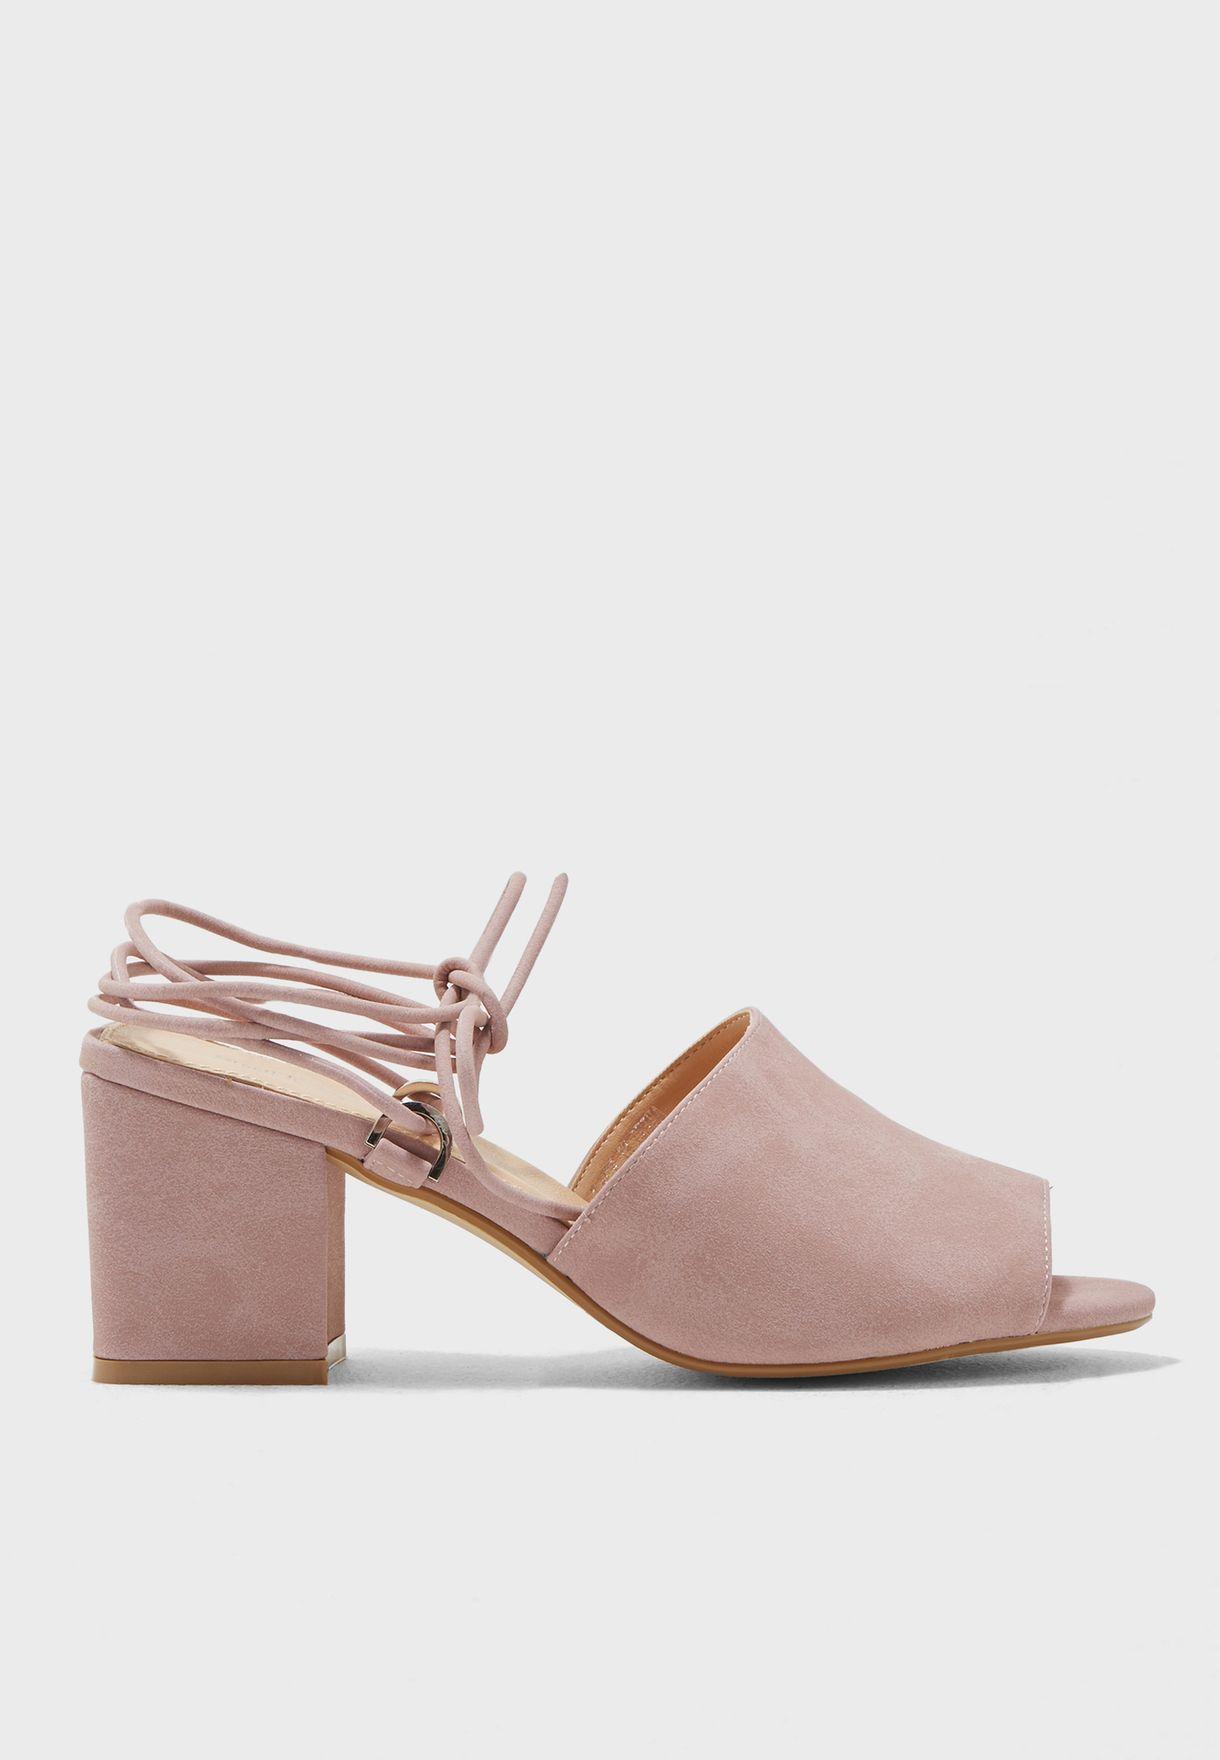 c3e5f81d0a47 Shop Public Desire pink Paddington Low-Heel Sandals PADDINGTON for ...